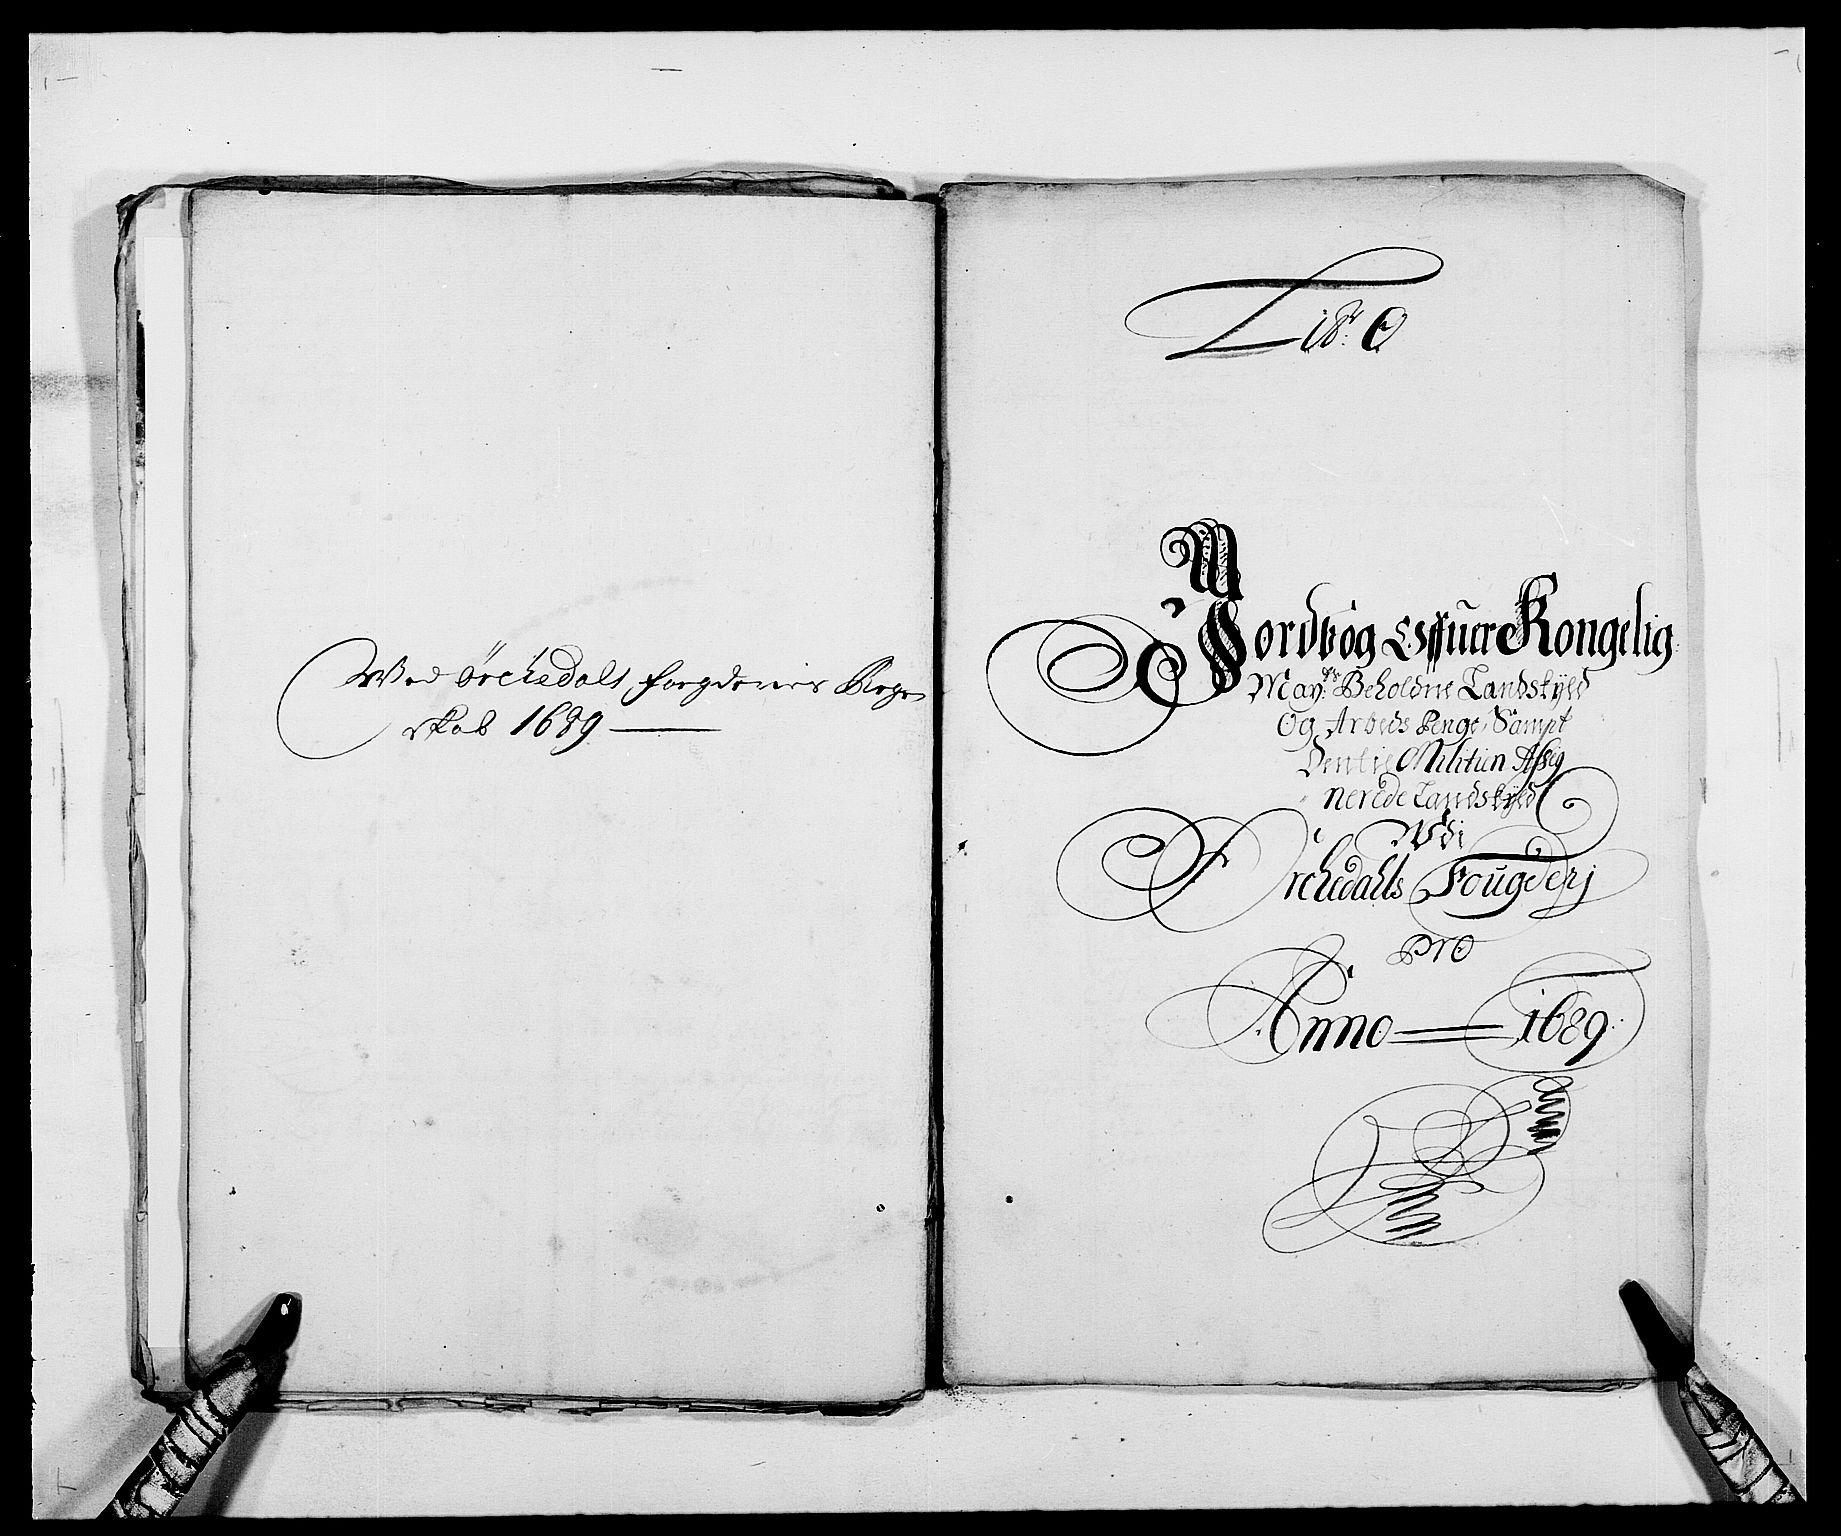 RA, Rentekammeret inntil 1814, Reviderte regnskaper, Fogderegnskap, R58/L3936: Fogderegnskap Orkdal, 1689-1690, s. 146